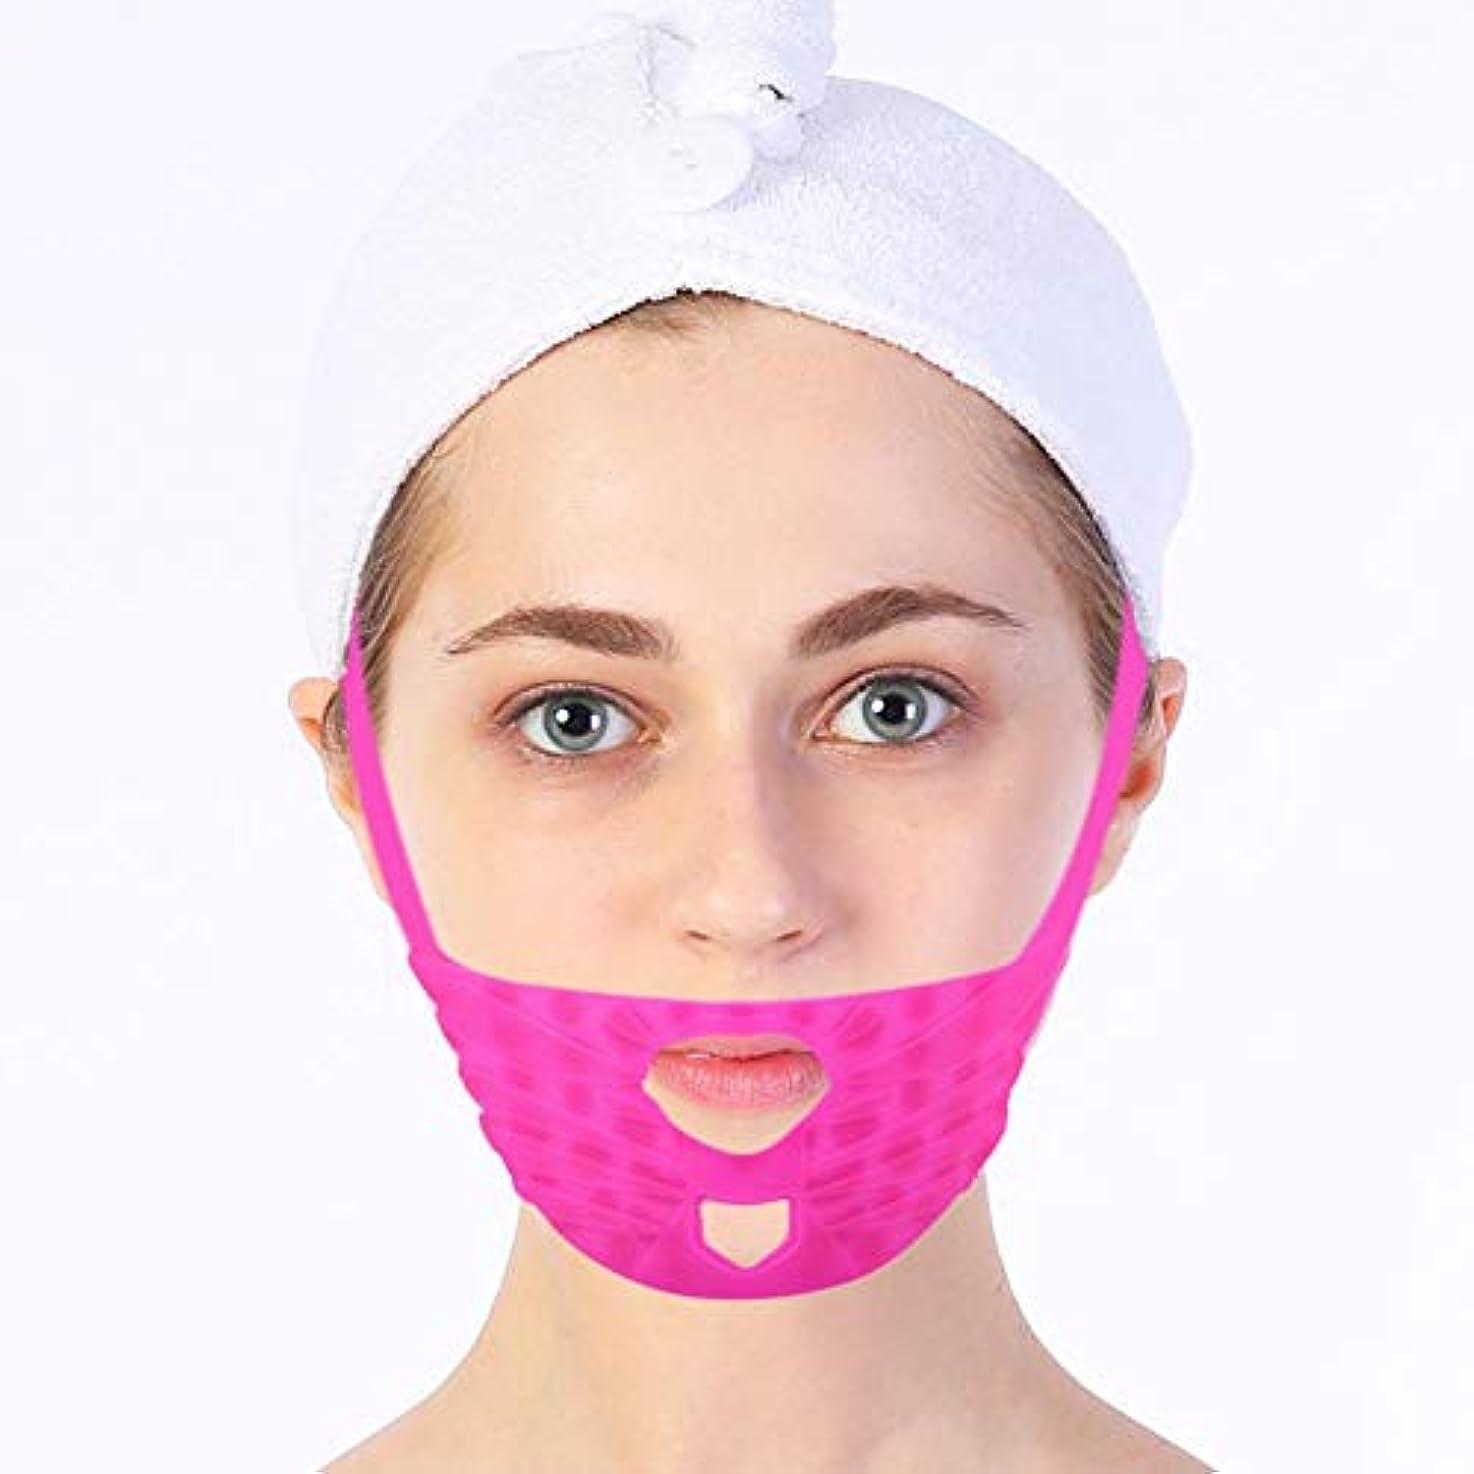 害負荷部分Semmeフェイシャルリフティング引き締め痩身マスク、マッサージフェイスシリコン包帯Vラインマスク首の圧縮二重あご、変更ダブルチェーンマスク引き締まった肌を減らす